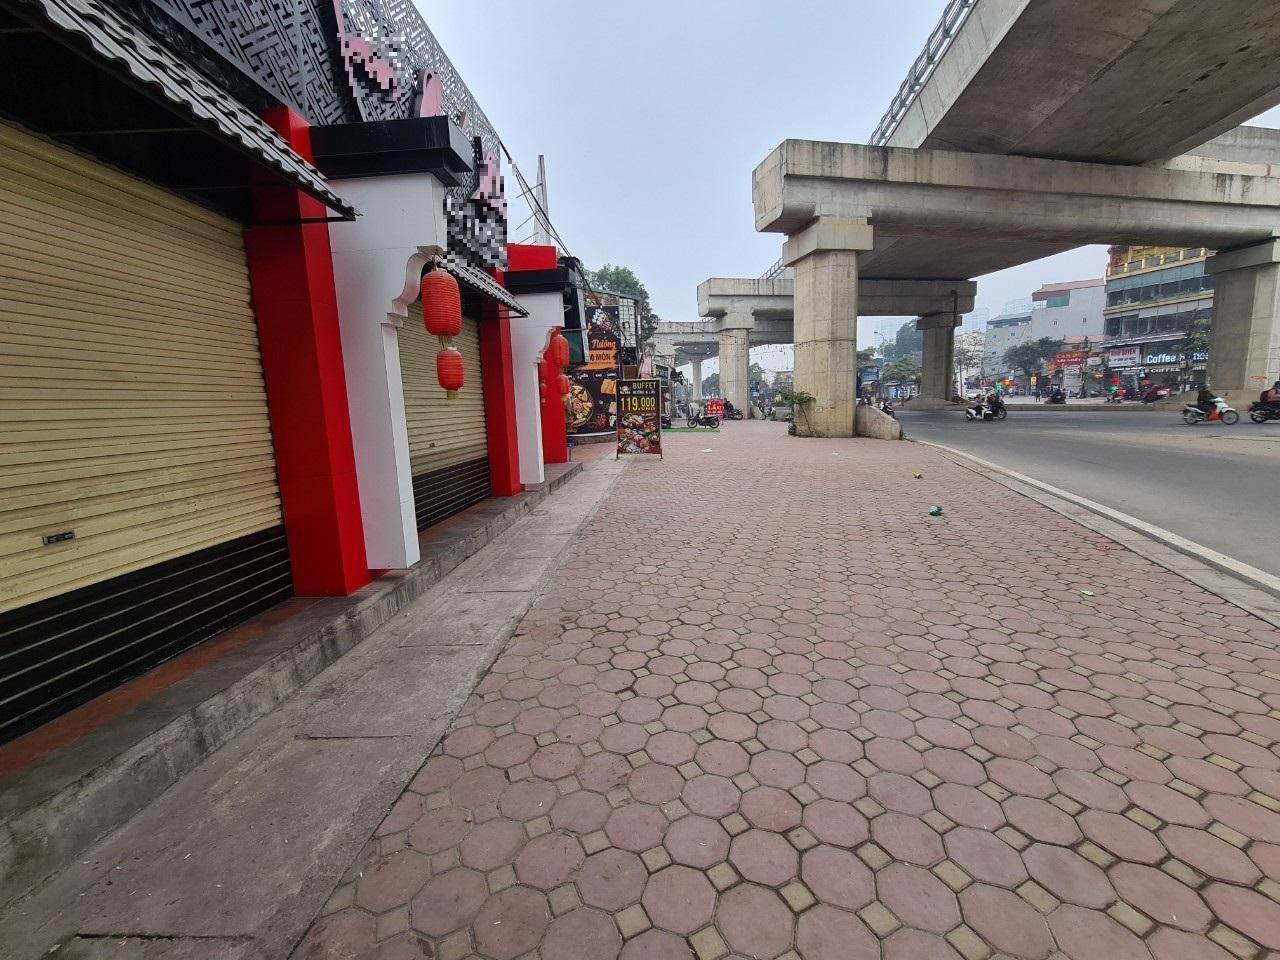 Xuất hiện mô hình kinh doanh 'bar street' độc đáo giữa lòng Hà Nội - Ảnh 3.